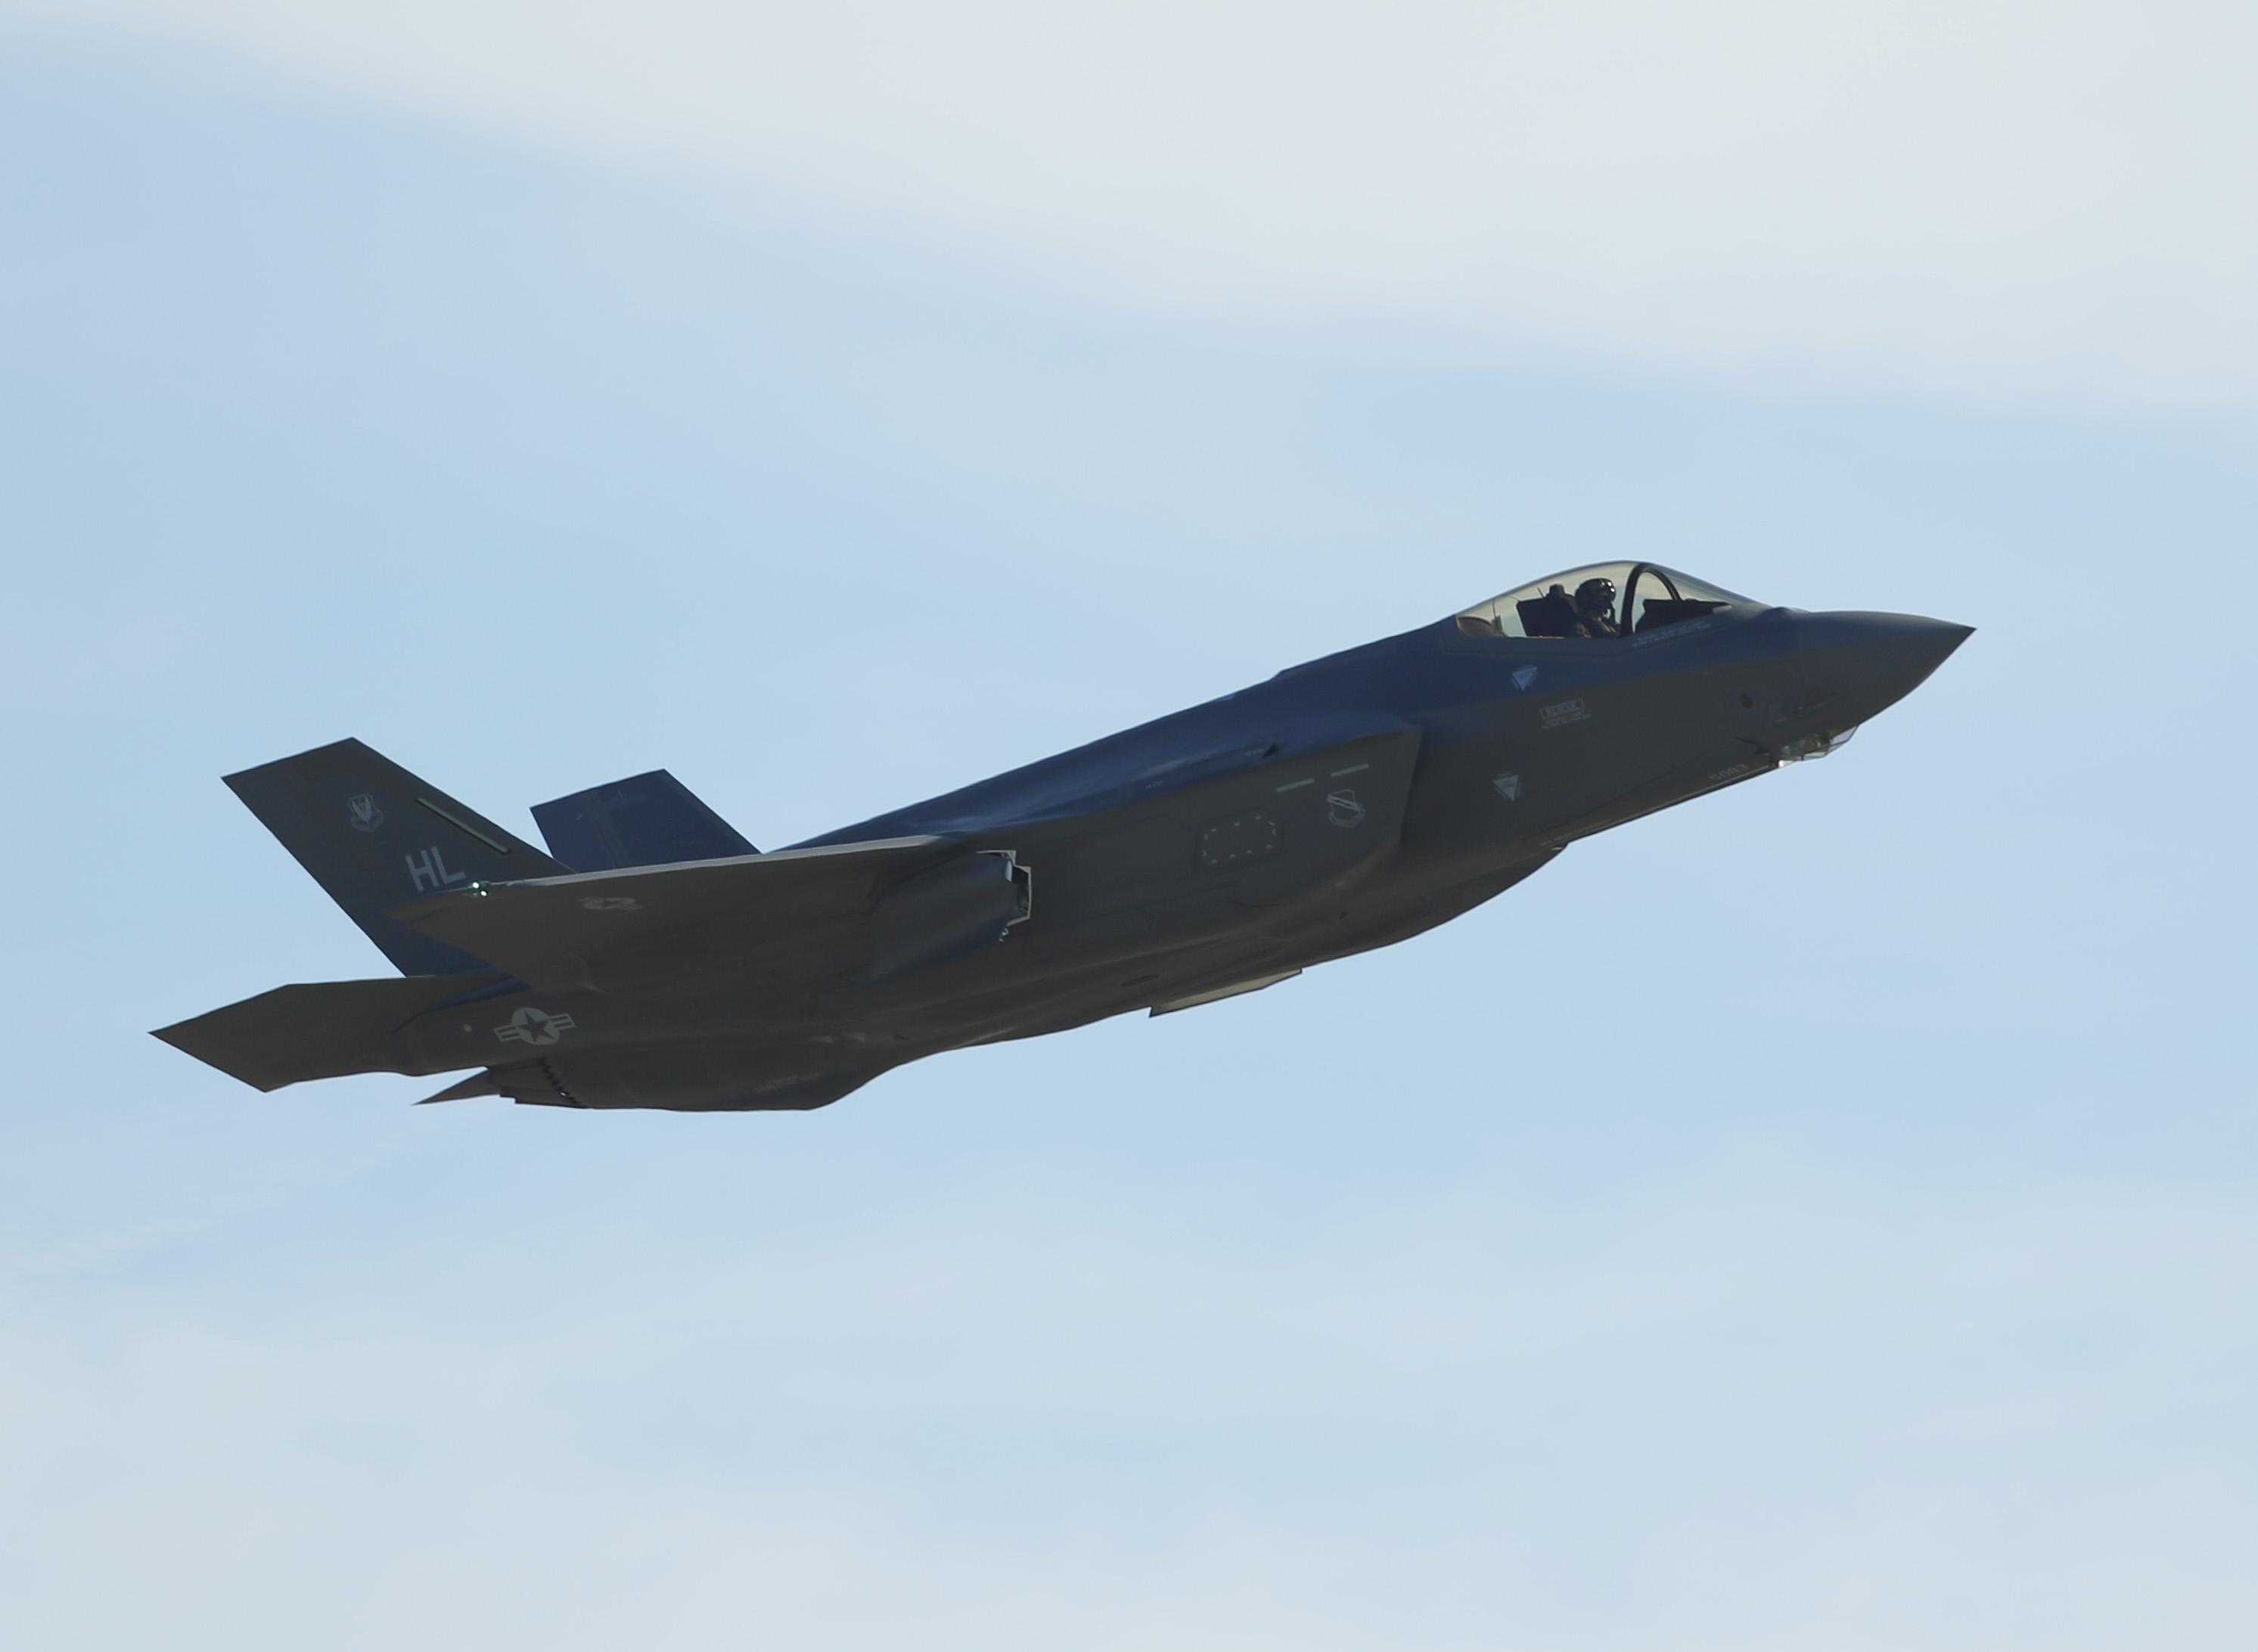 美國空軍在4月15日宣佈,猶他州希爾空軍基地的F-35A戰機開始在中東部署。圖為2017年3月15日,該基地一架F-35A戰機起飛以執行訓練任務。(George Frey/Getty Images)